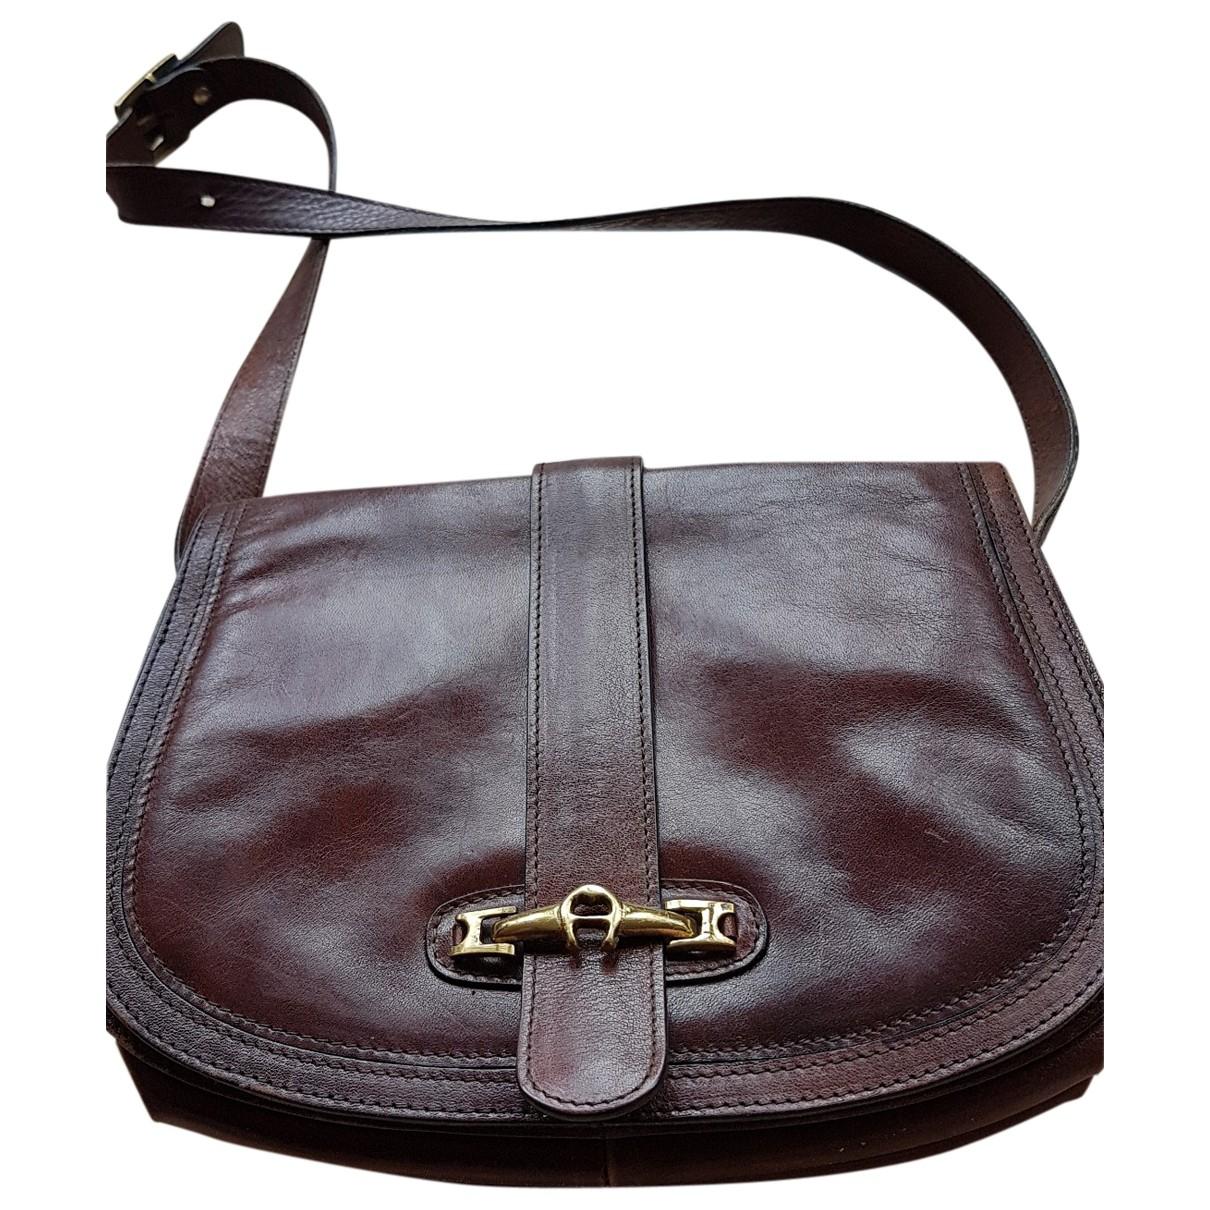 Etienne Aigner \N Handtasche in  Braun Leder